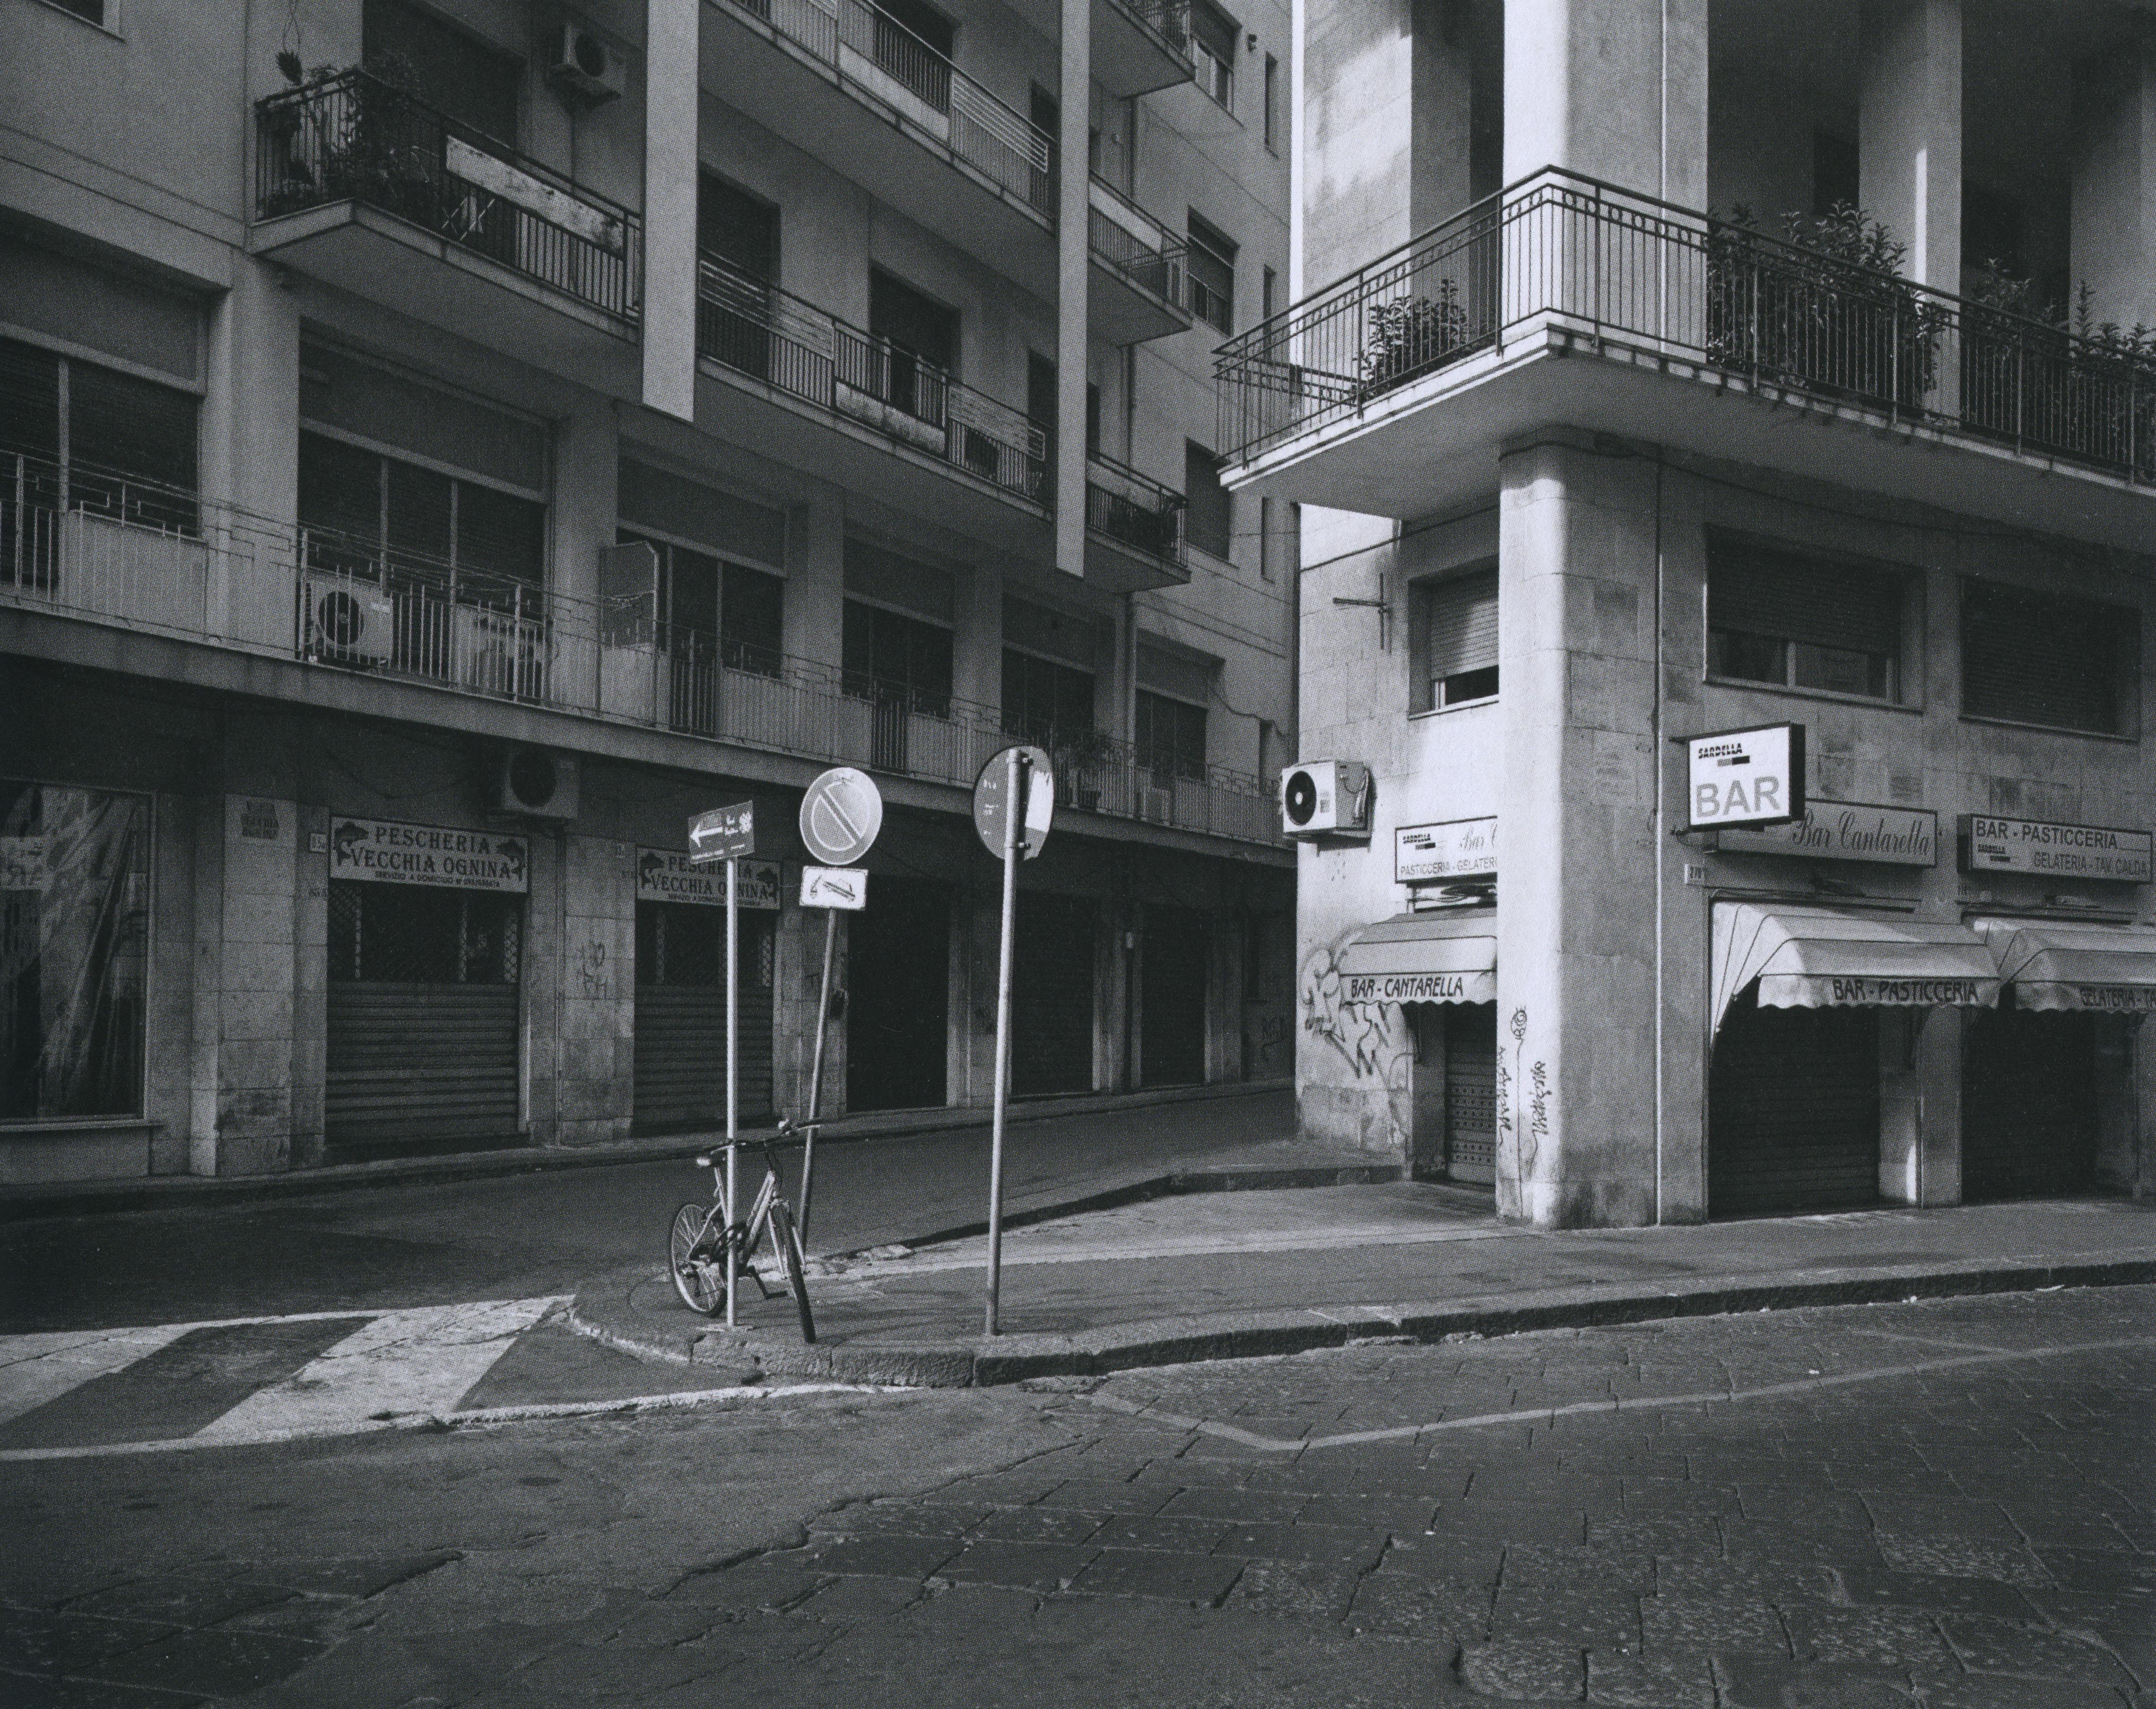 jcbéchet_centre-ville, catane, sicile, 2013_gabriele basilico_p131